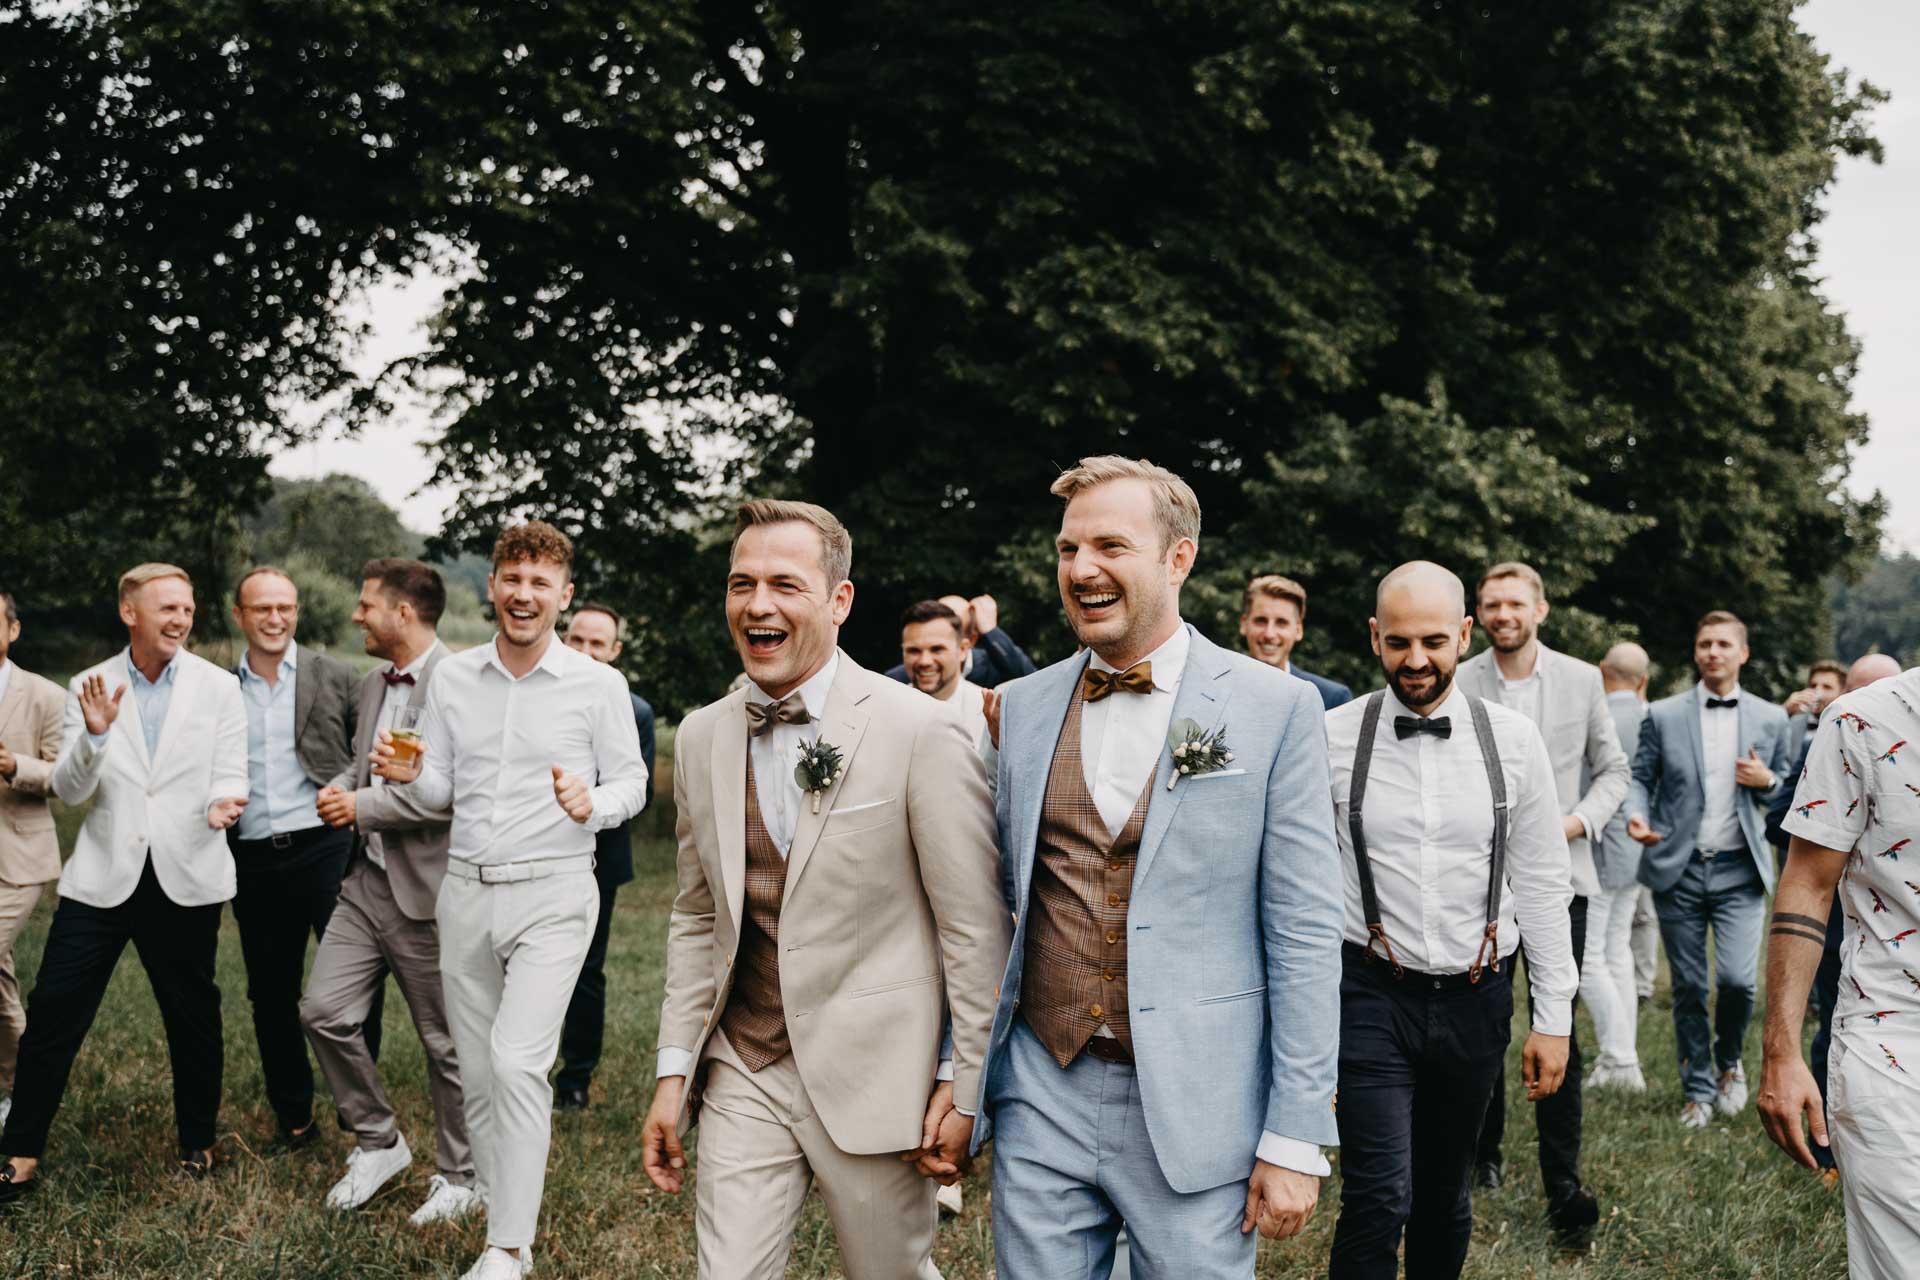 Das Brautpaar läuft umringt von Gästen über eine Wiese.